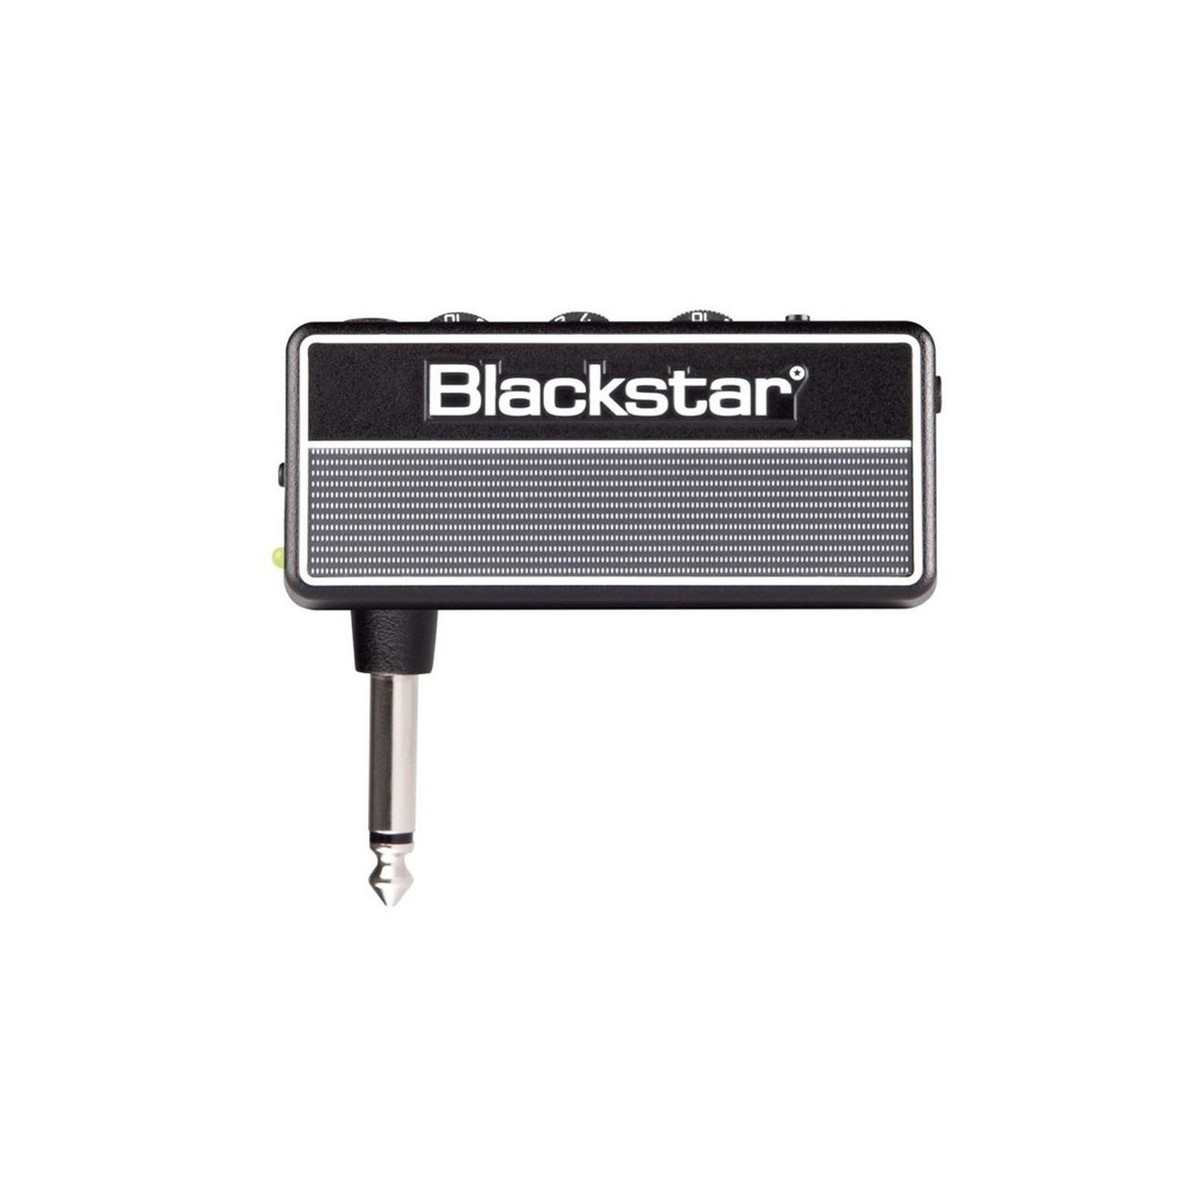 Blackstar Blackstar amPlug2 Fly Guitar Headphone Amp